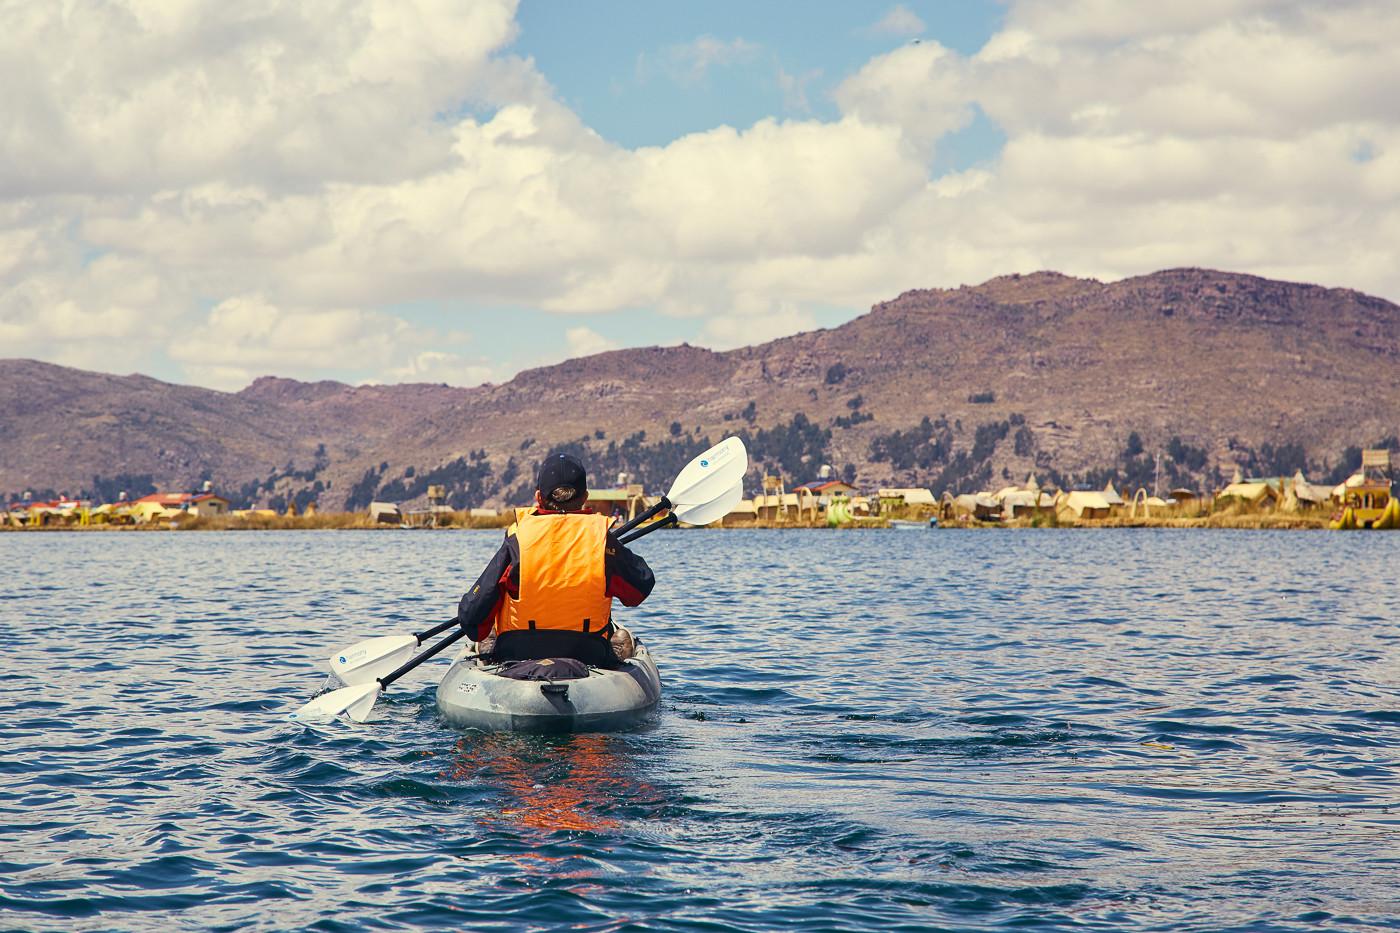 Eine Kajakfahrt auf dem Titicacasee ist wirklich wunderschön! Hier paddeln Christina und Roli unsere Reisebegleiter durch die idyllische Landschaft